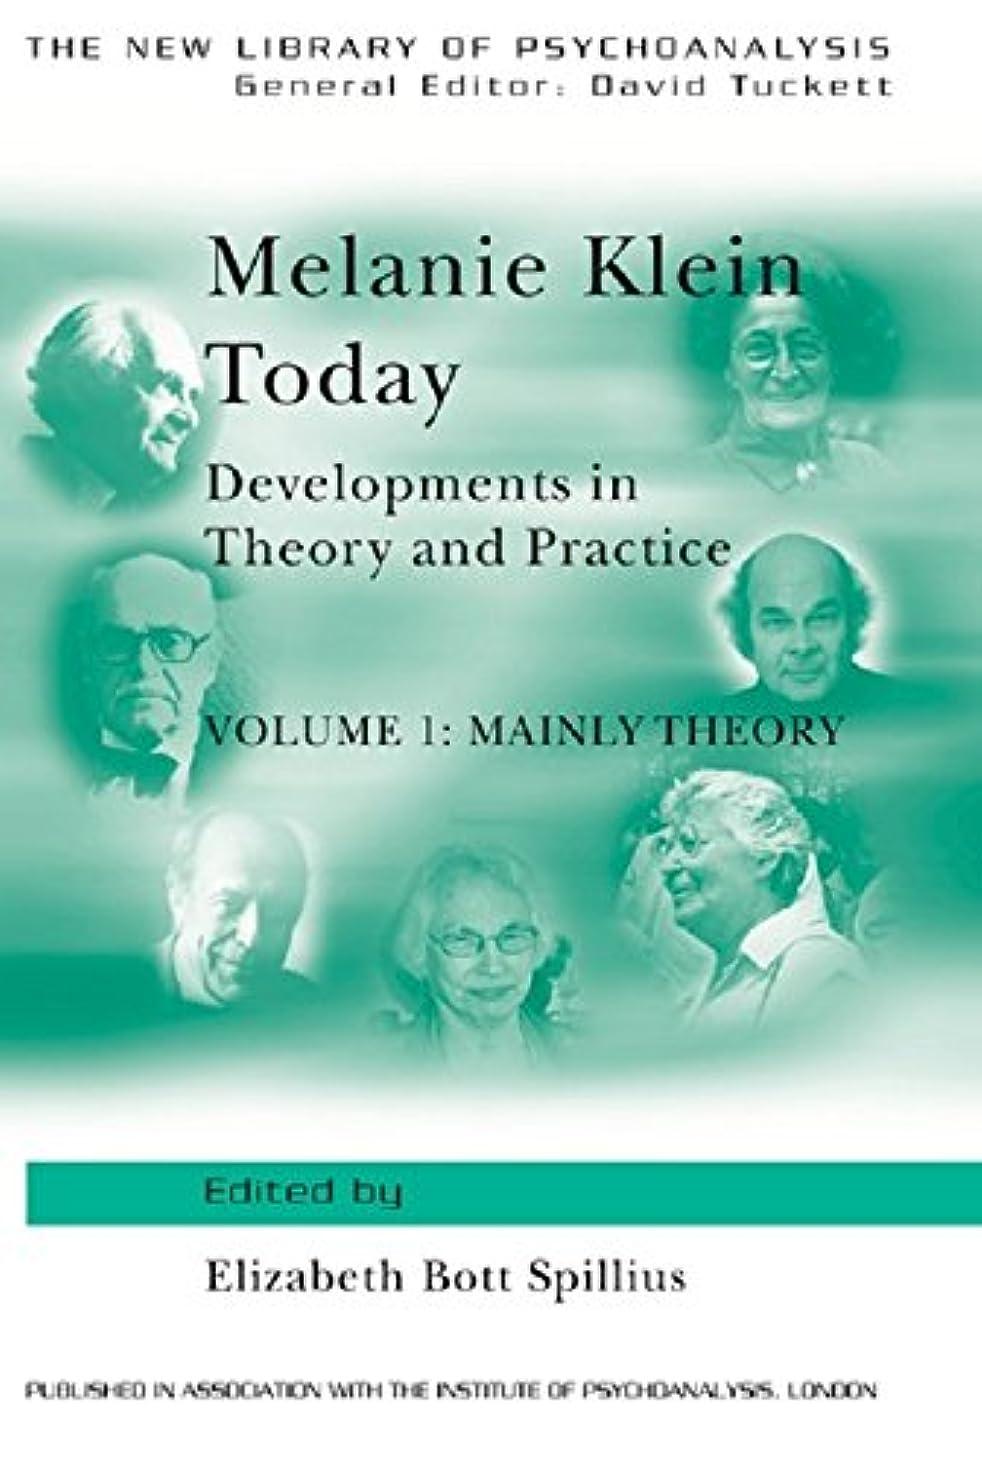 シャベル水っぽい入るMelanie Klein Today, Volume 1: Mainly Theory: Developments in Theory and Practice (The New Library of Psychoanalysis) (English Edition)